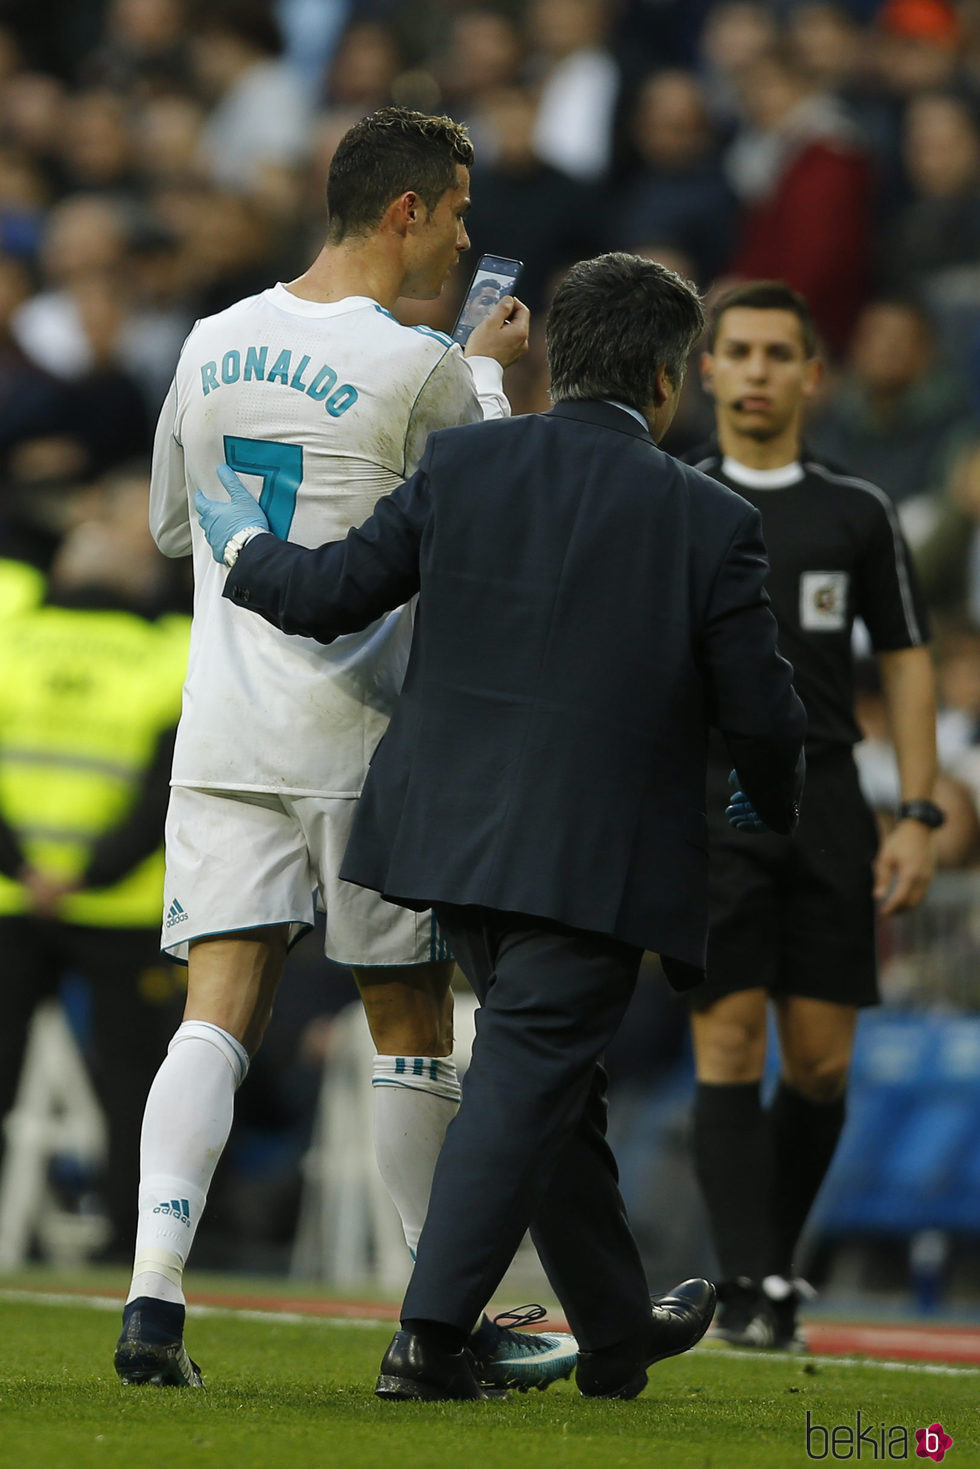 Cristiano Ronaldo mirándose al espejo tras sufrir una patada en la cara